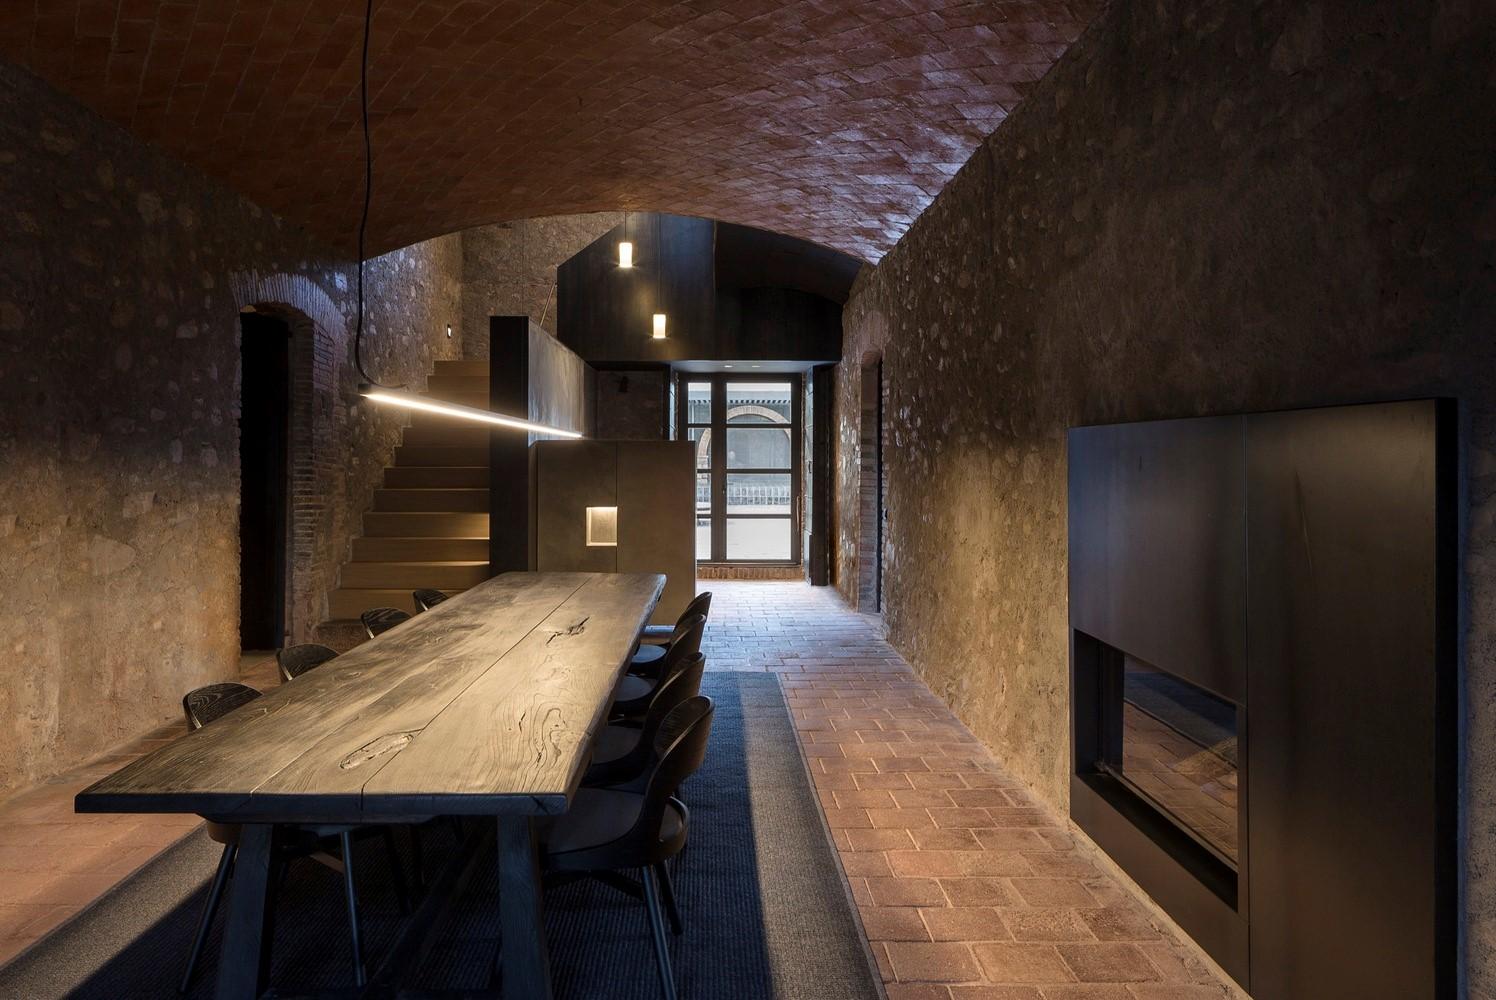 聖馬提住宅,金屬回廊平衡新與舊的關系 / Francesc Rifé Studio插图(4)